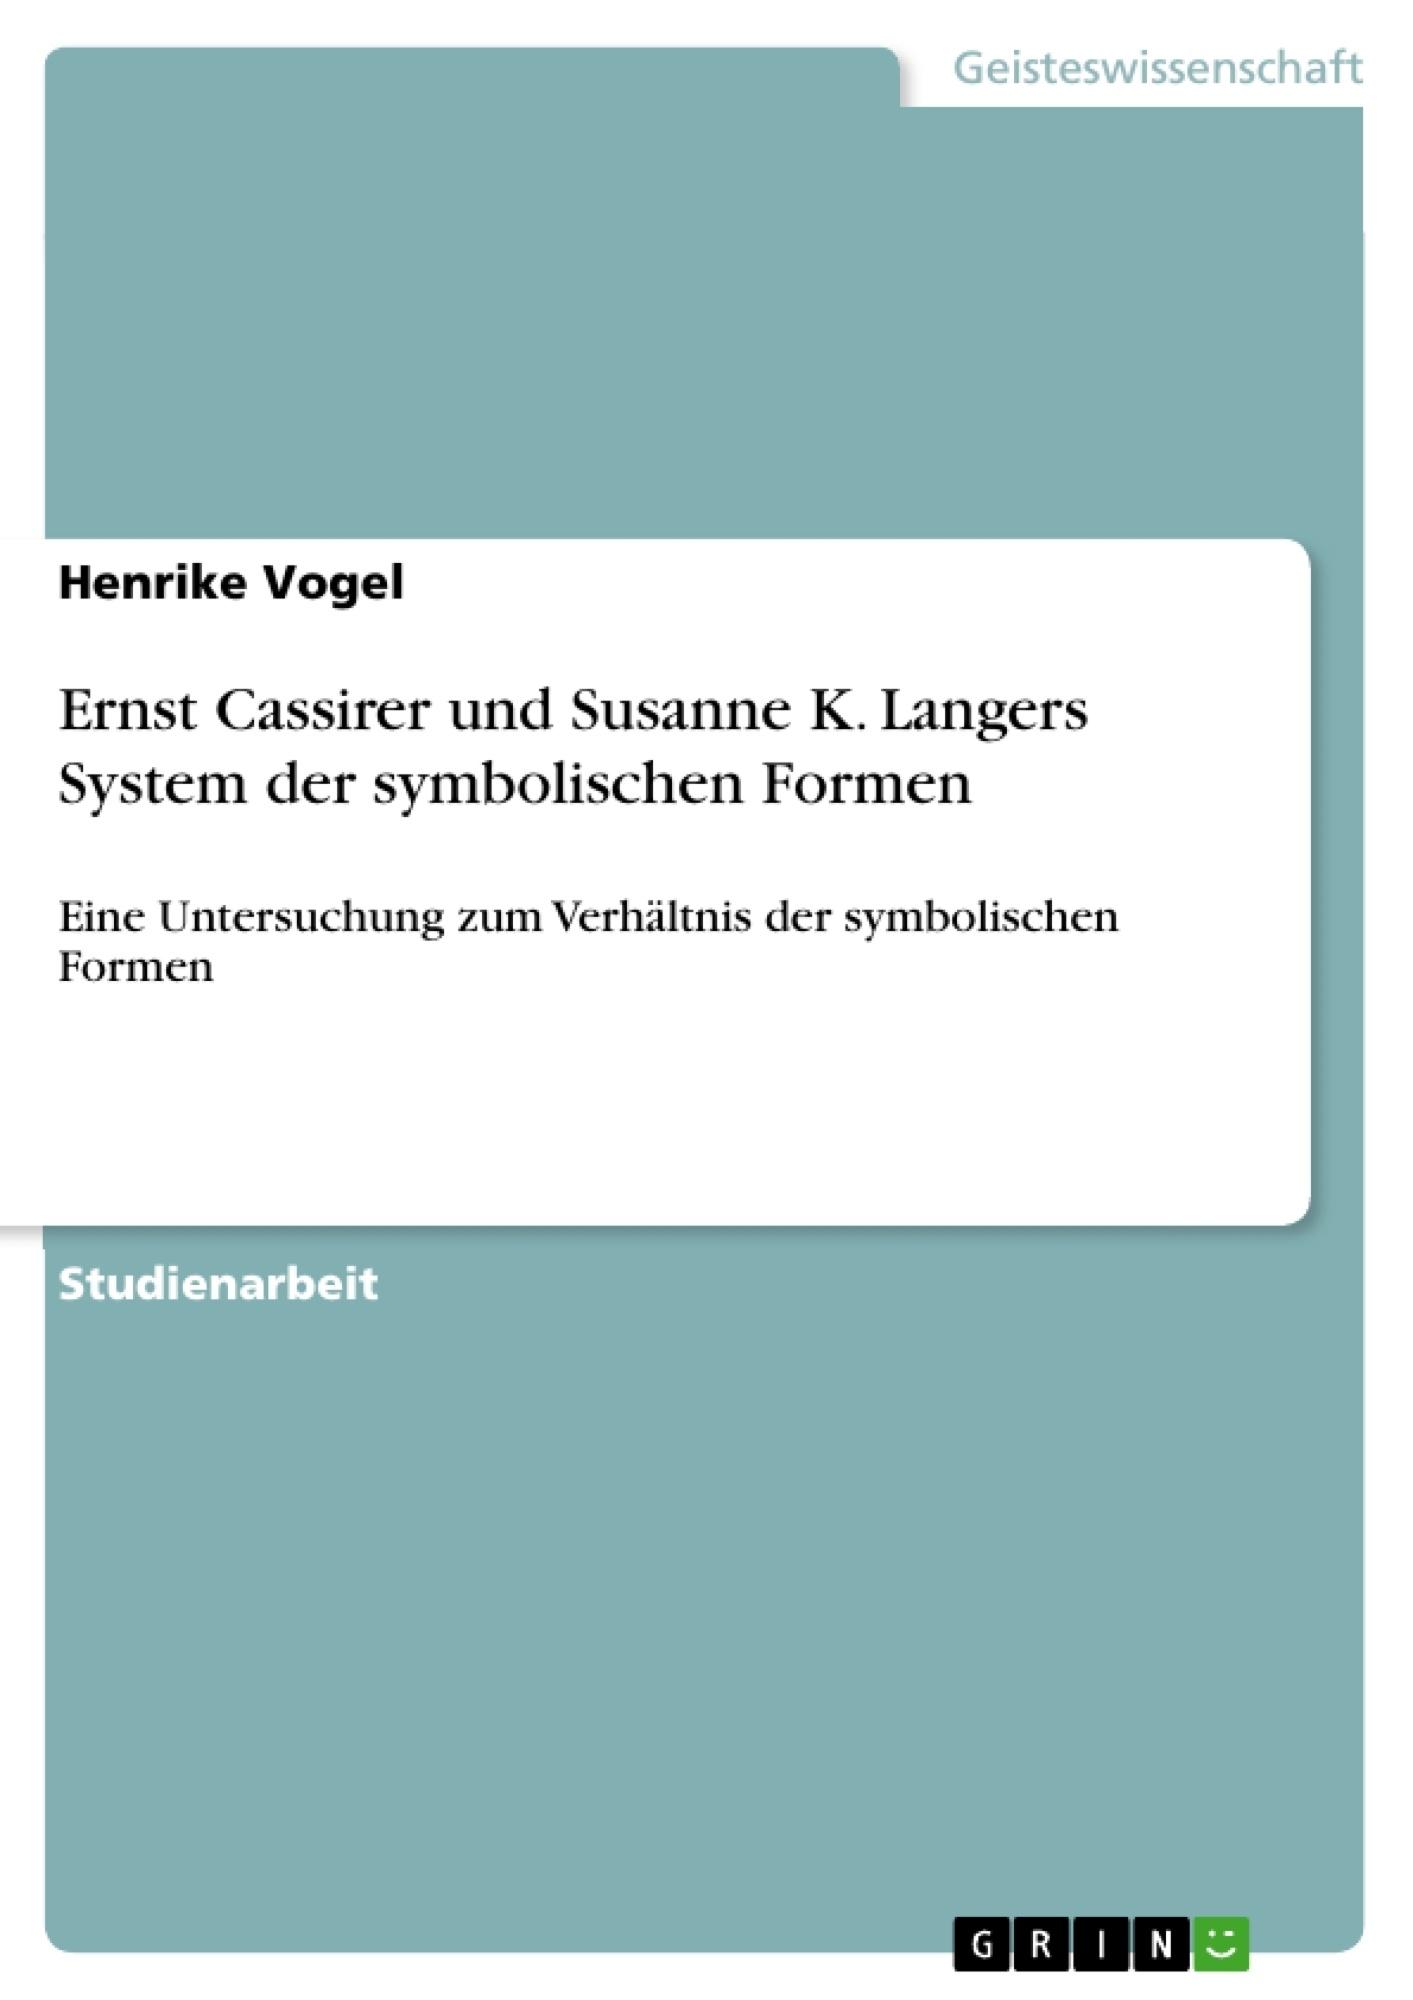 Titel: Ernst Cassirer und Susanne K. Langers System der symbolischen Formen